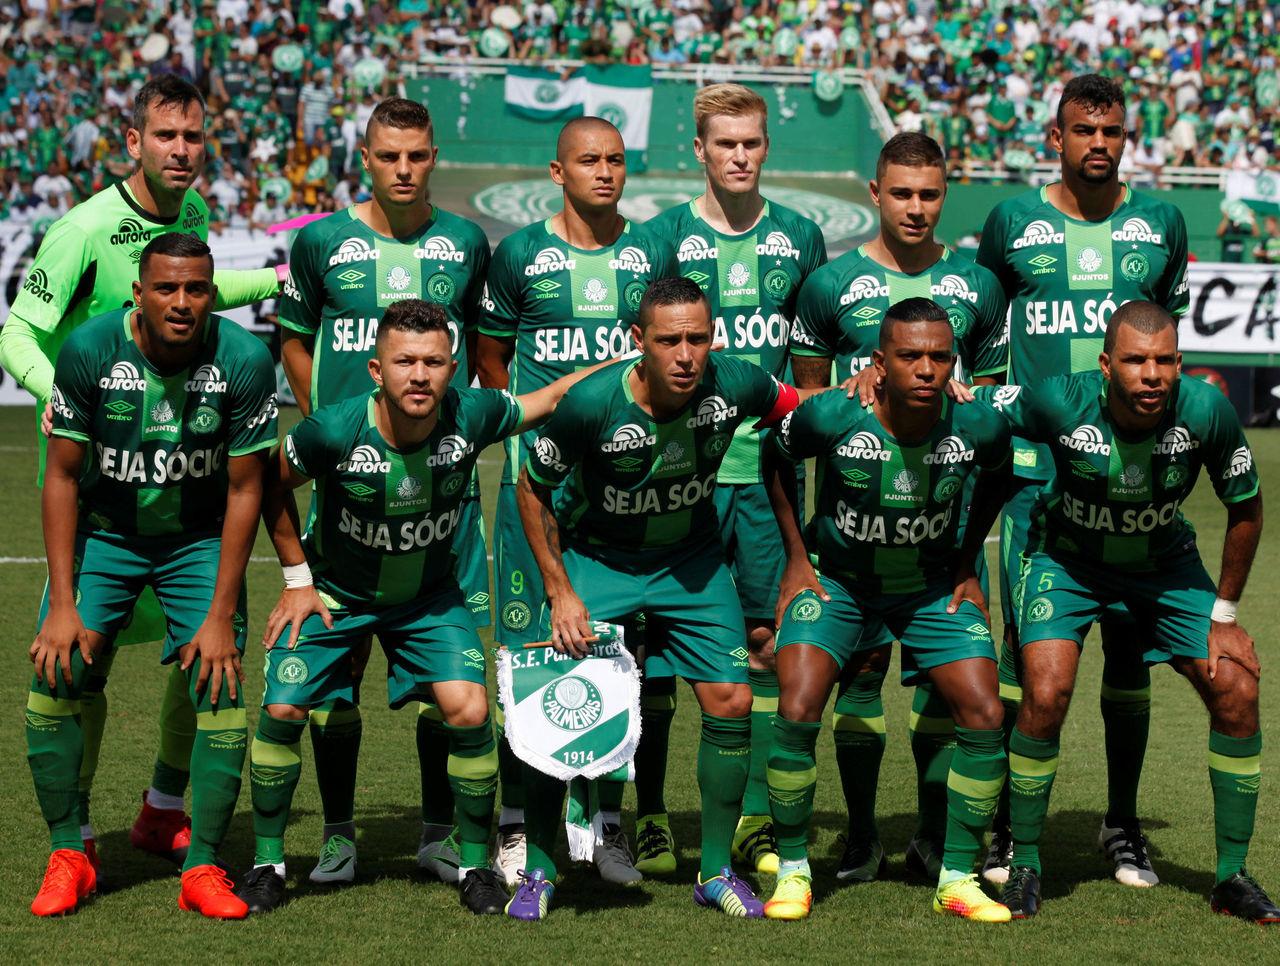 Cropped 2017 01 21t200651z 767002751 rc15525fc4e0 rtrmadp 3 soccer brazil chapecoense